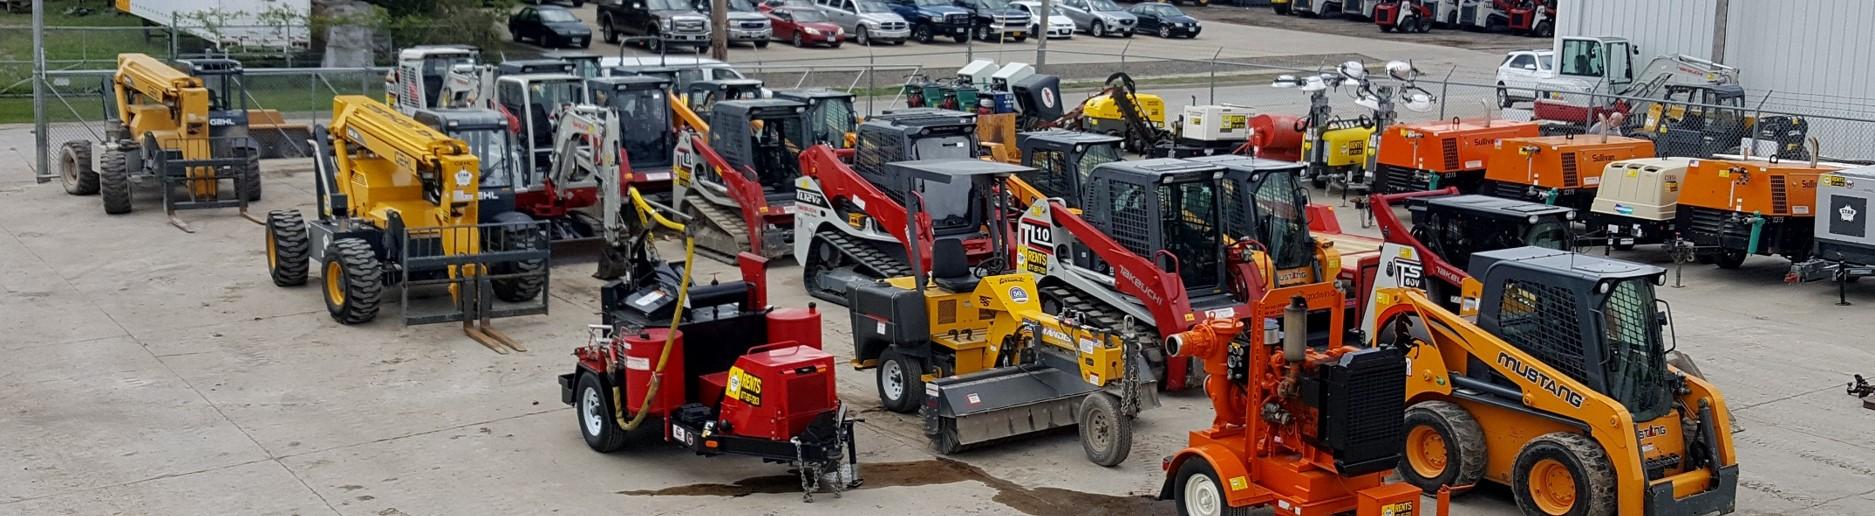 Equipment Rentals   Des Moines, Cedar Rapids, Waterloo, Ames, IA